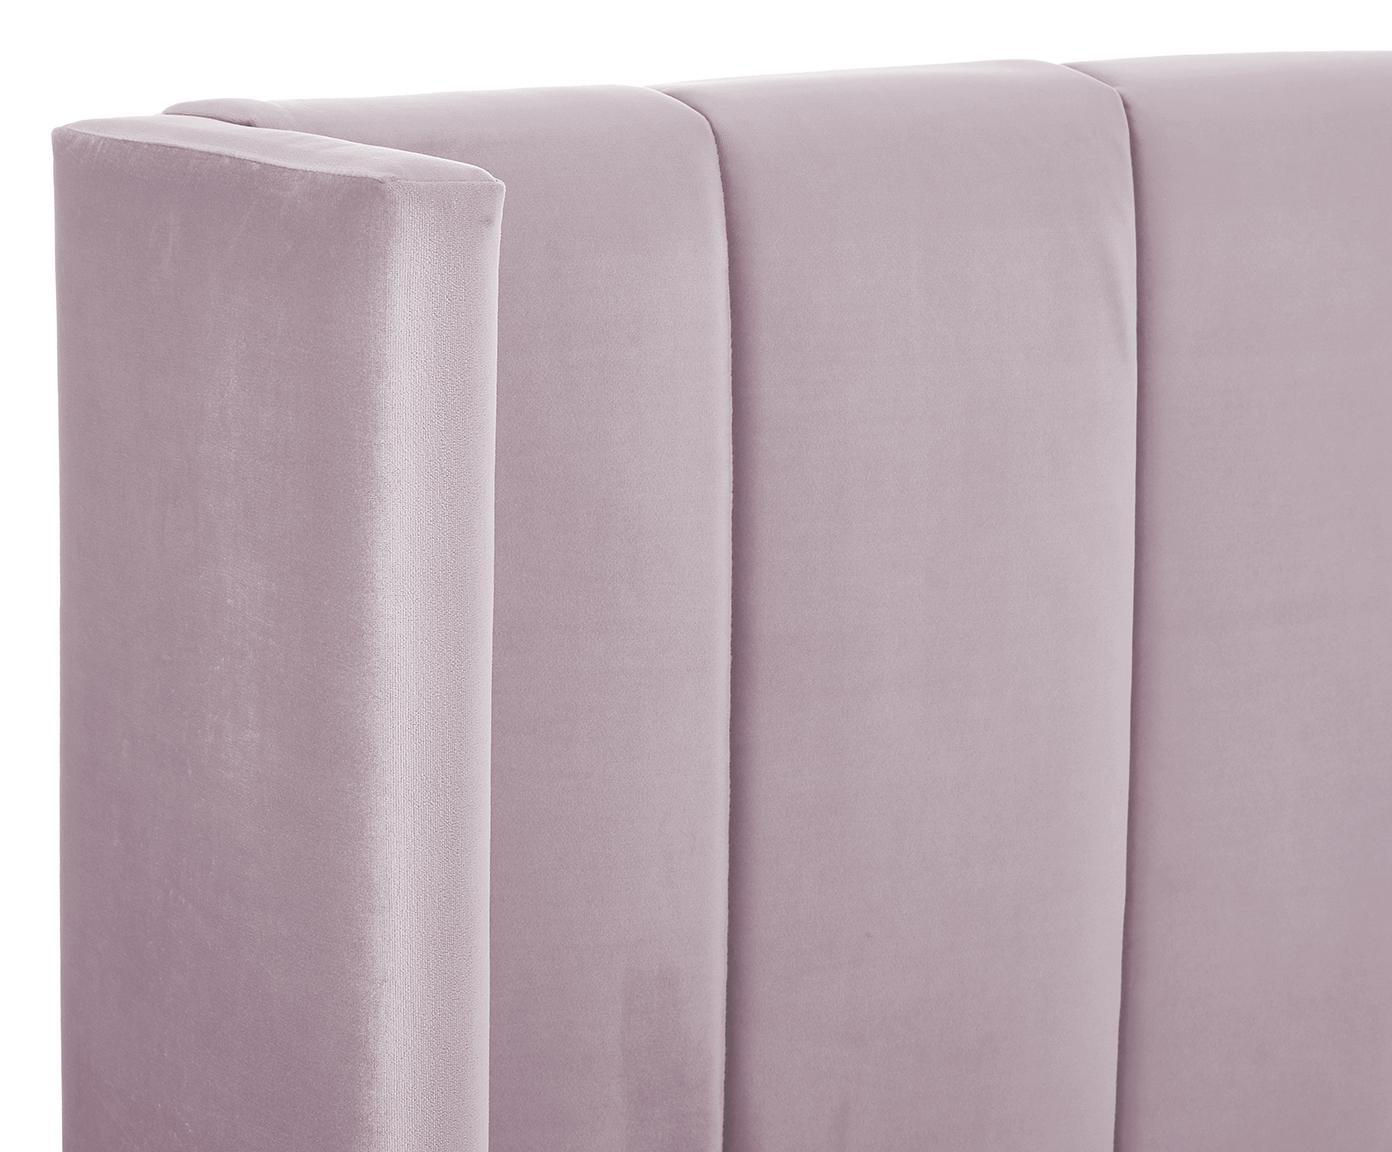 Cama de terciopelo Dusk, Estructura: madera de pino macizo, Patas: metal, con pintura en pol, Tapizado: terciopelo de poliéster 3, Malva, 180 x 200 cm